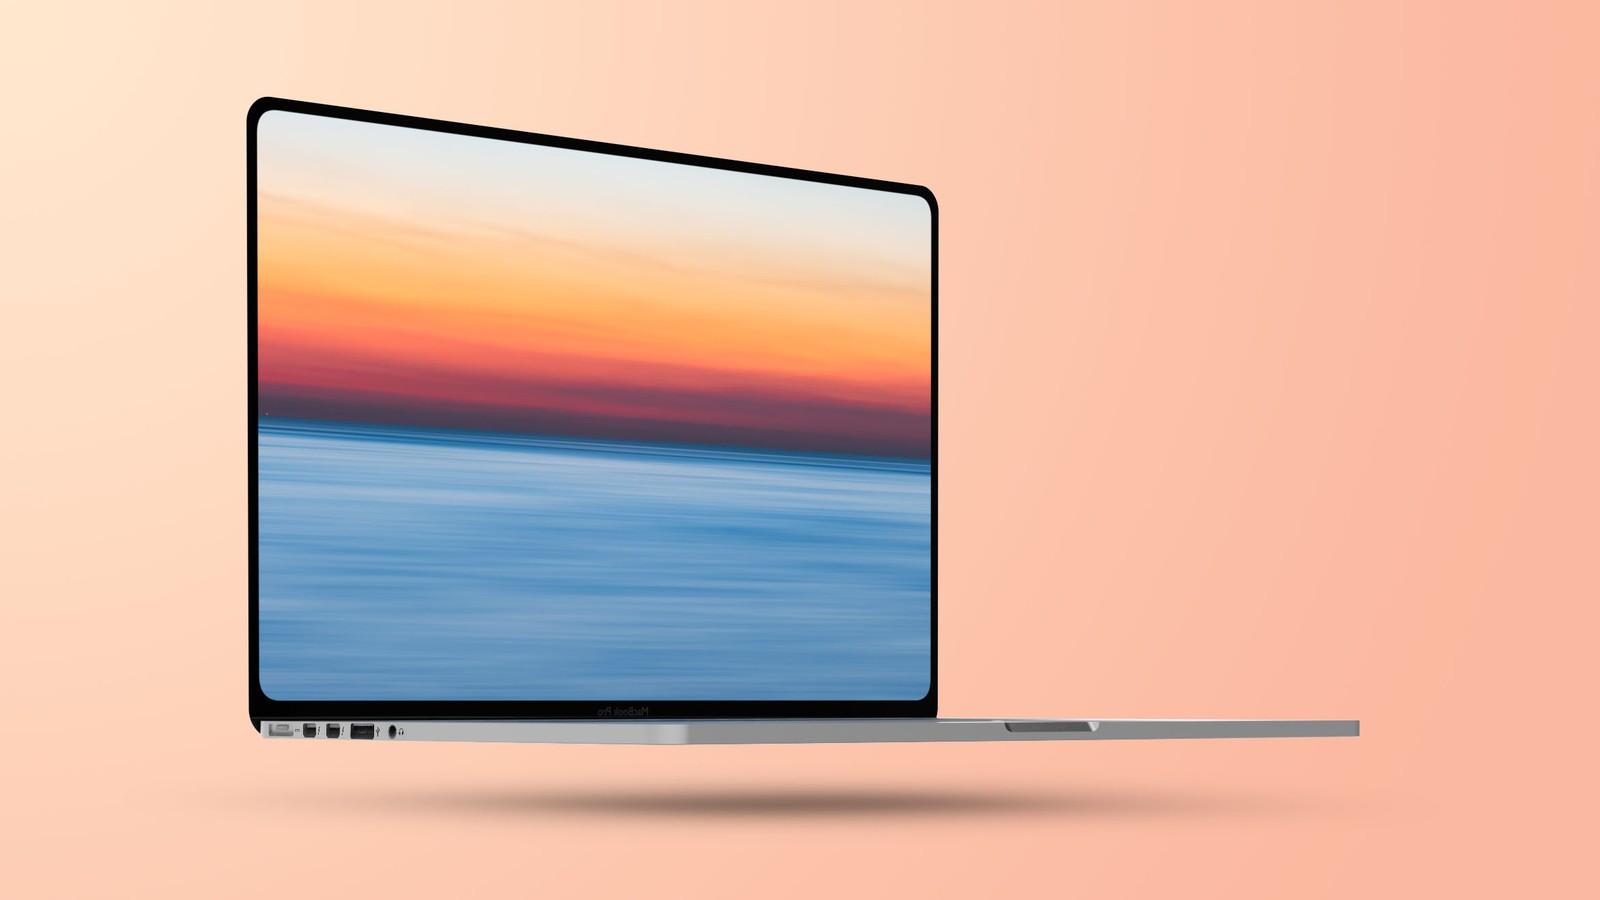 爆料称新款MacBook Pro将在WWDC上亮相